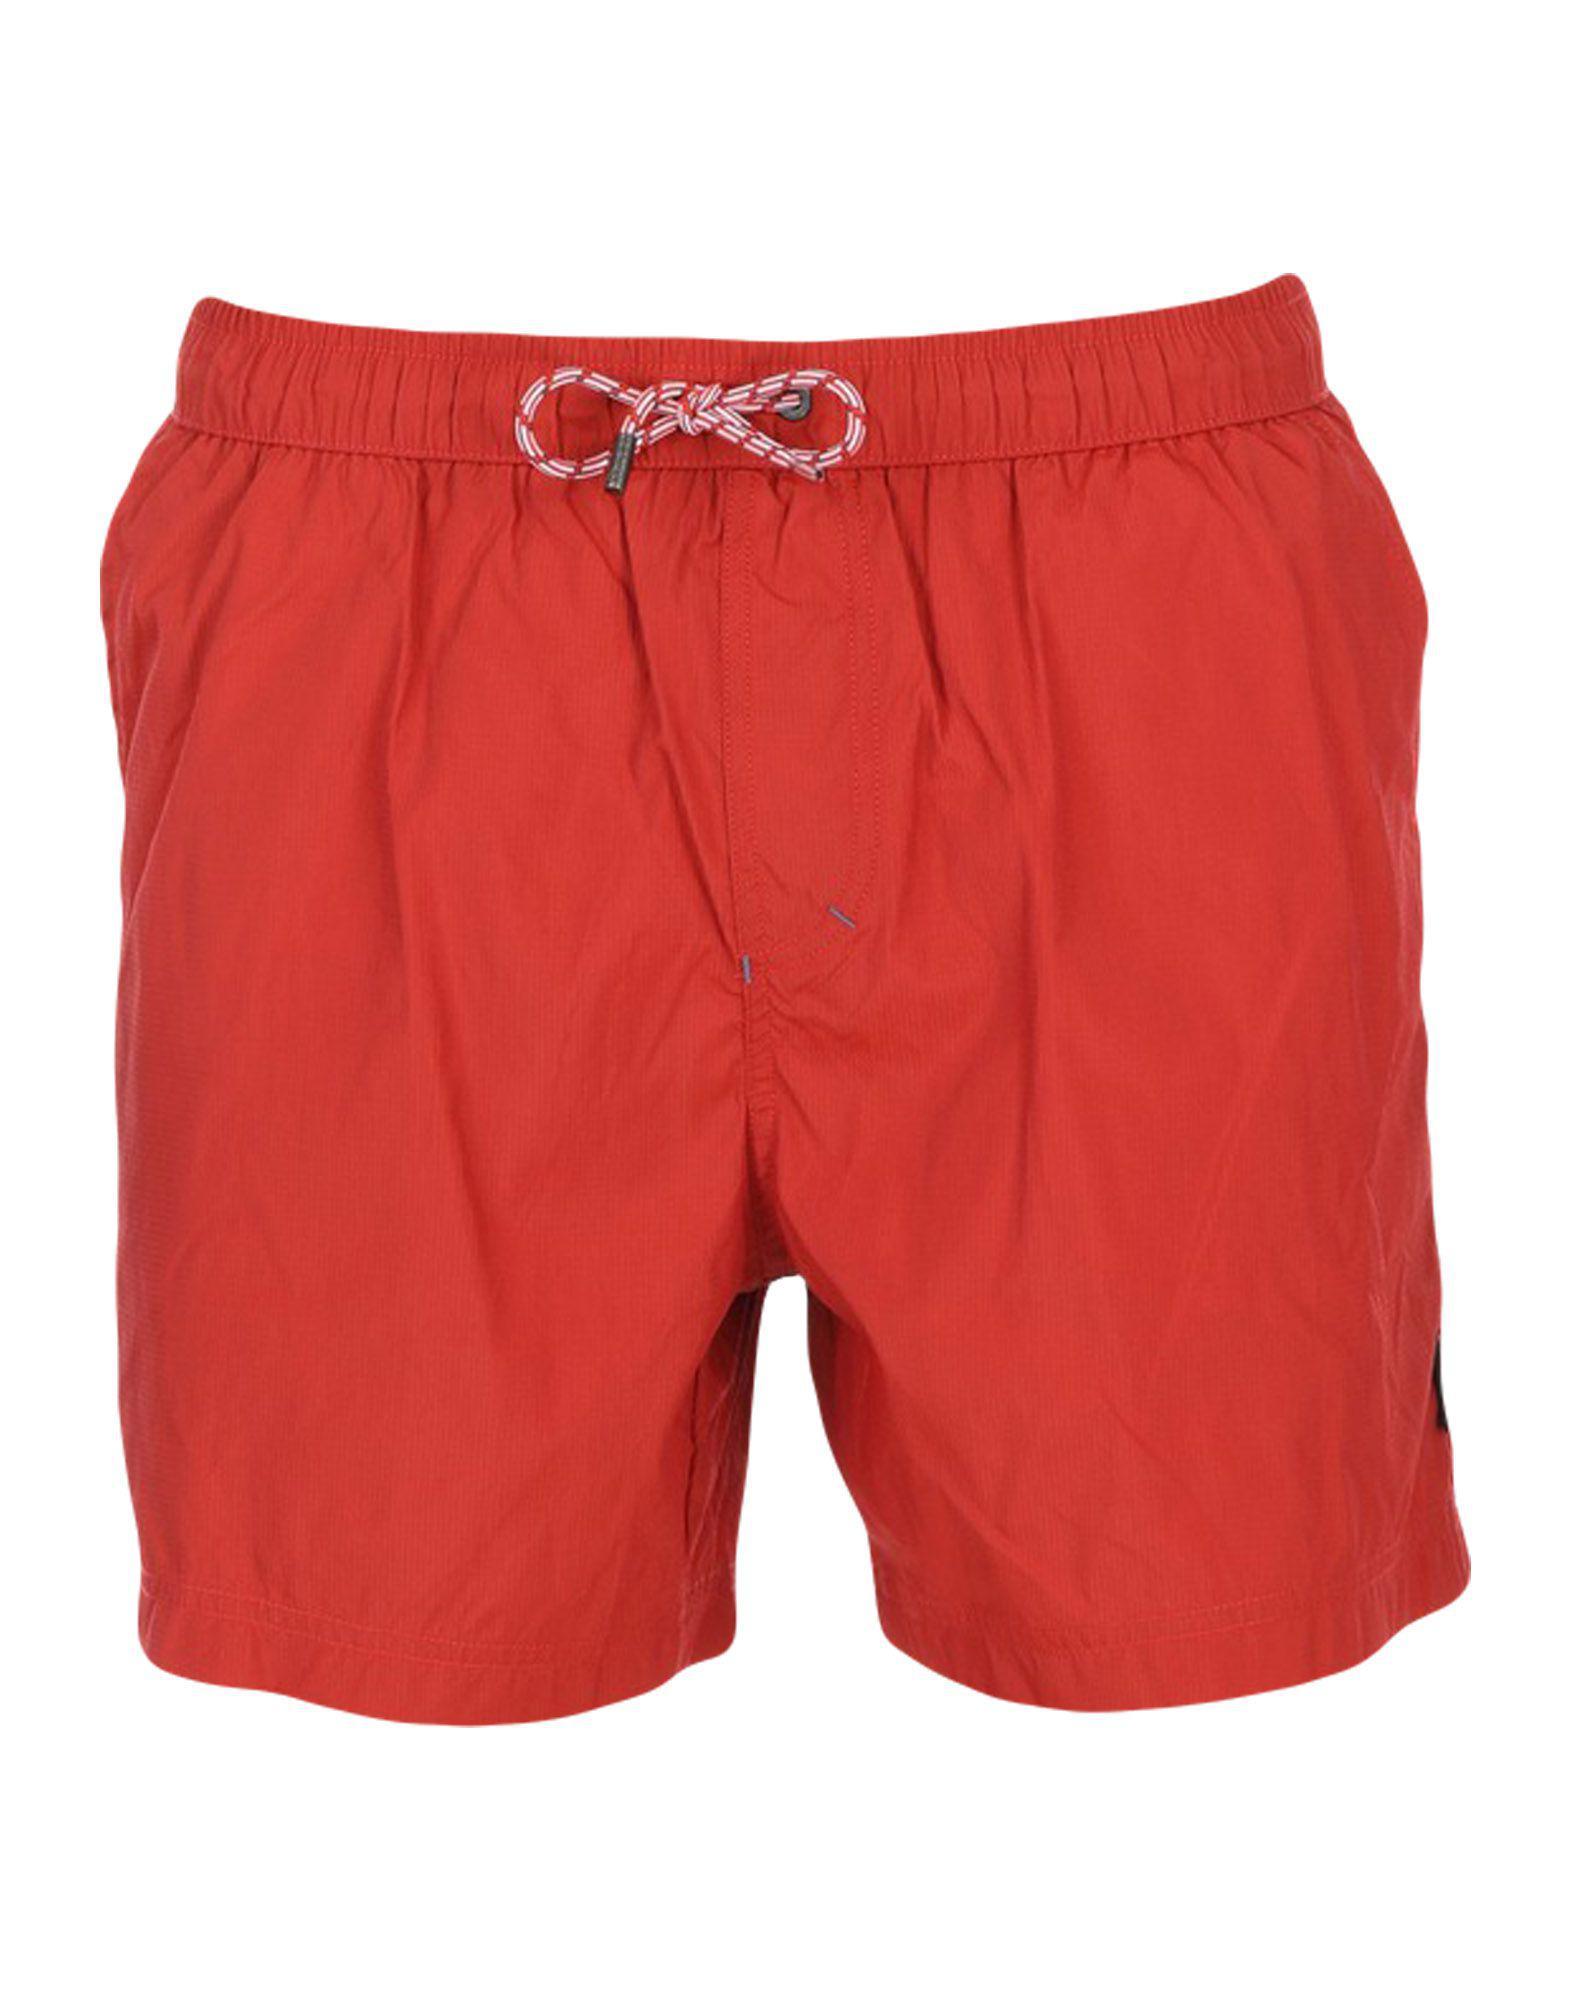 45f889d913 Lyst - Ermenegildo Zegna Swim Trunks in Red for Men